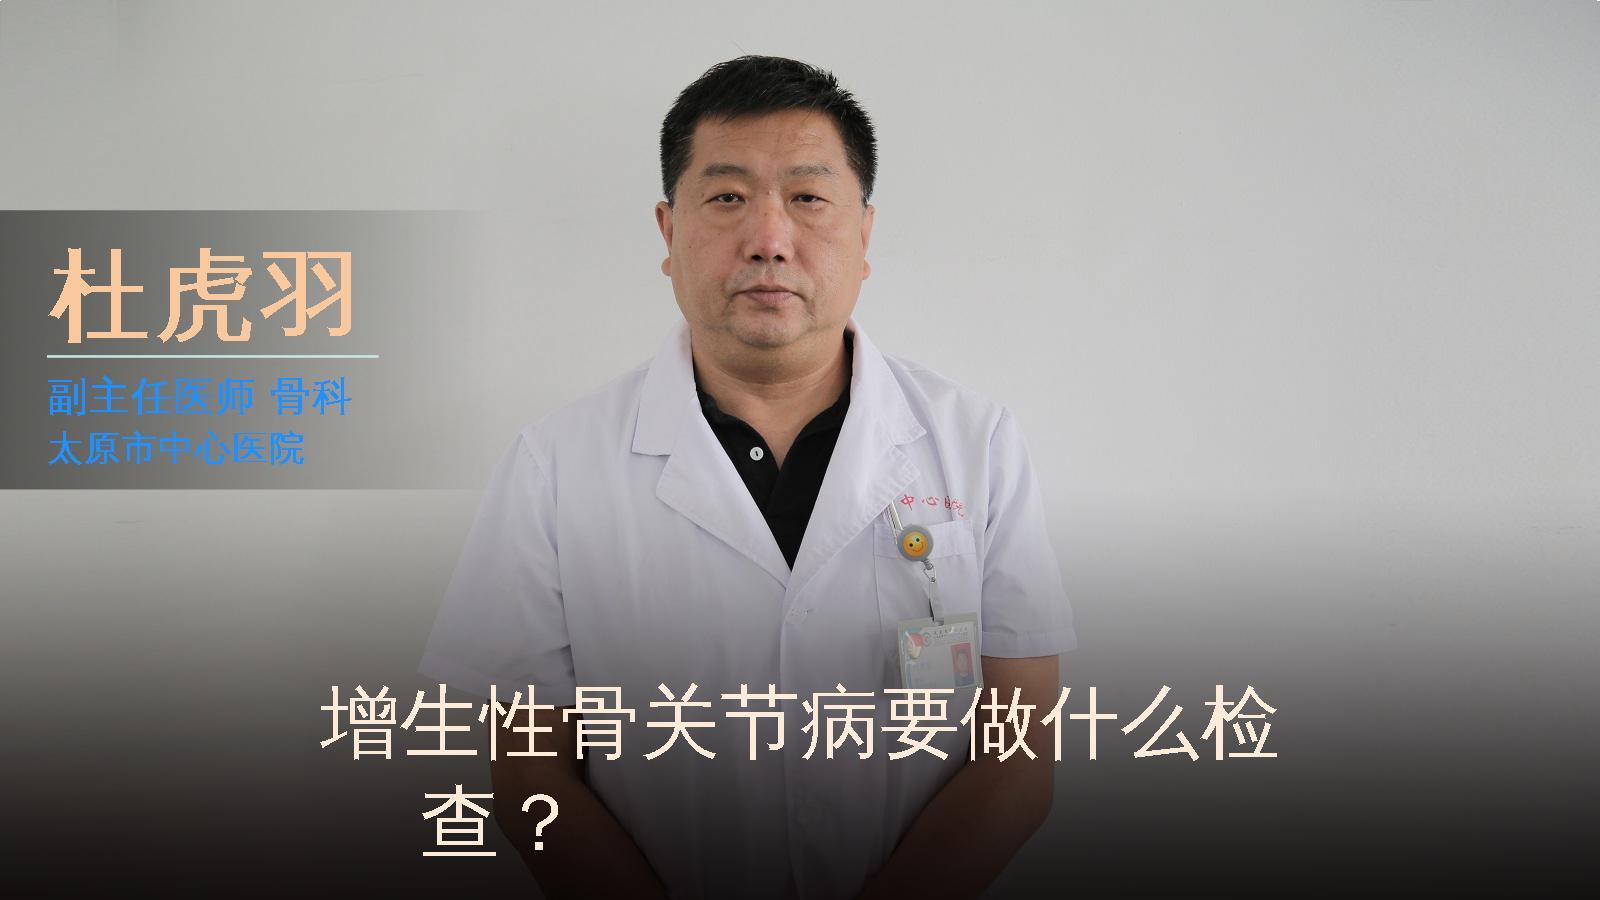 增生性骨关节病要做什么检查?